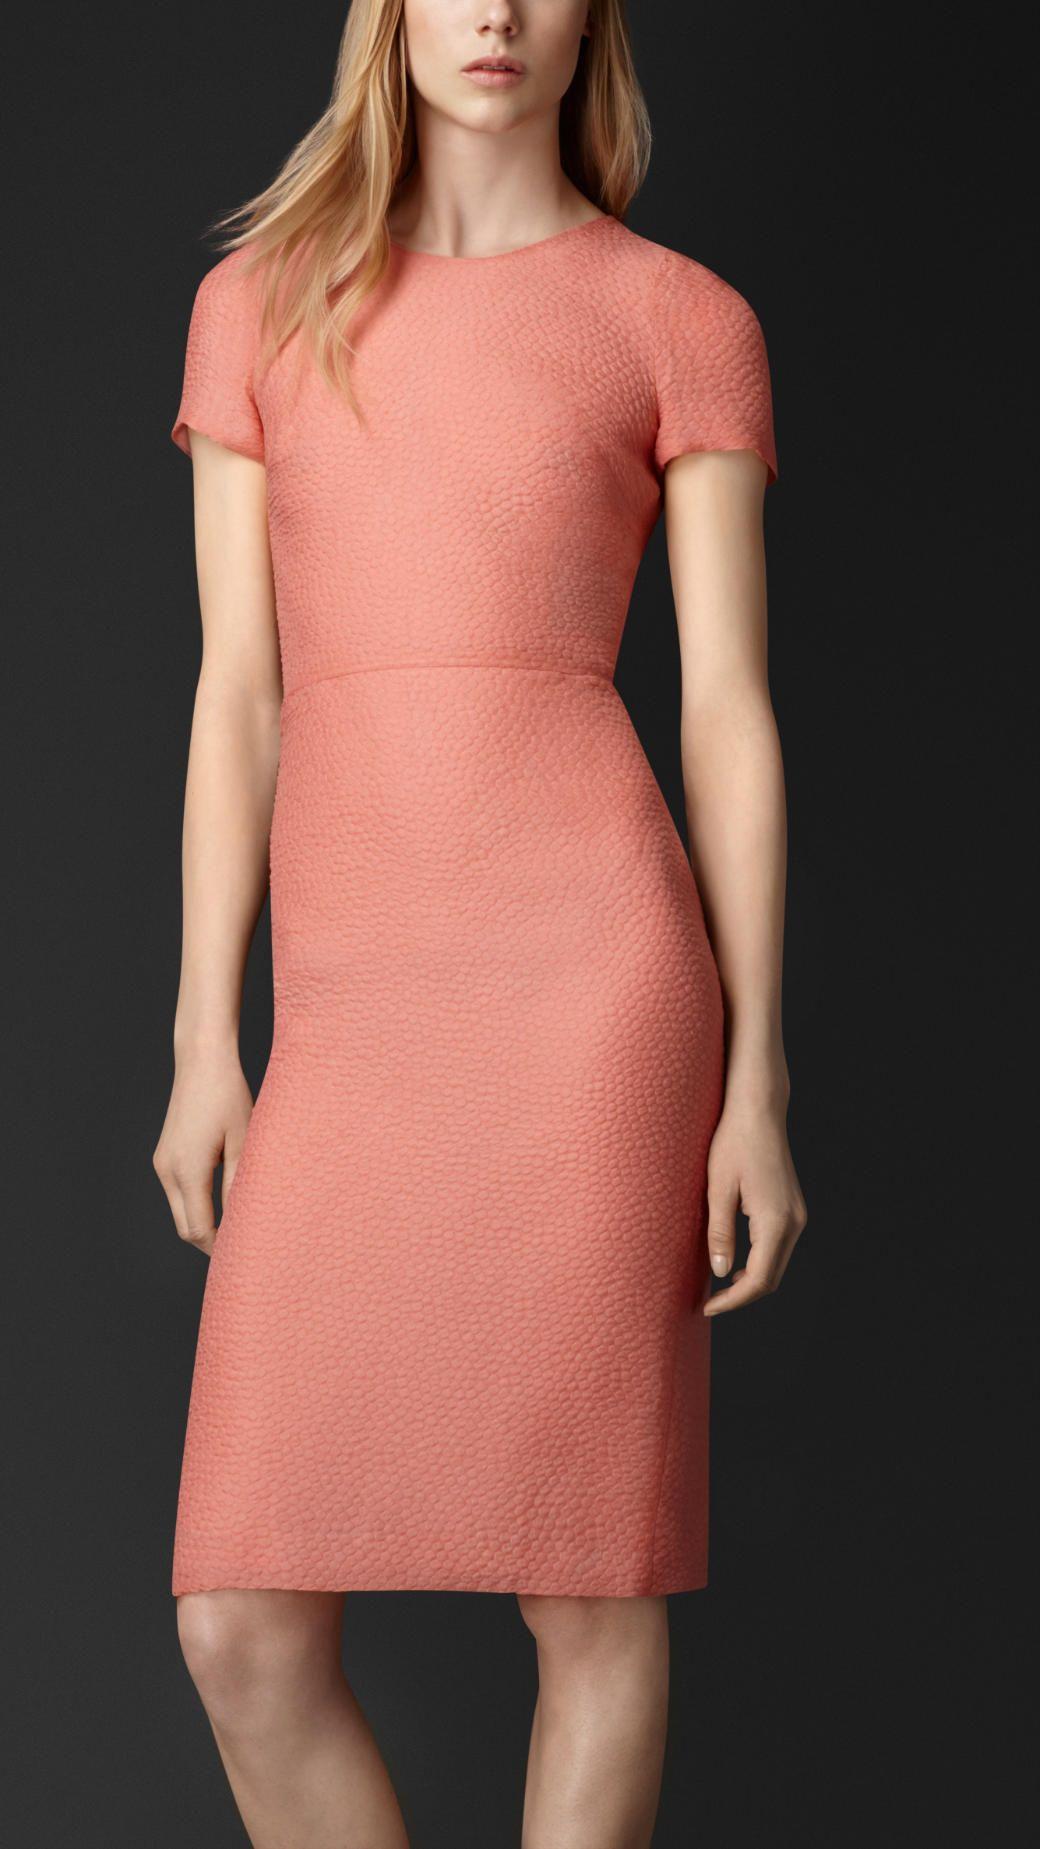 2e258f52ca9 Women's Dresses & Jumpsuits | Burberry | ΚΟΝΤΑ ΦΟΡΕΜΑΤΑ(short ...